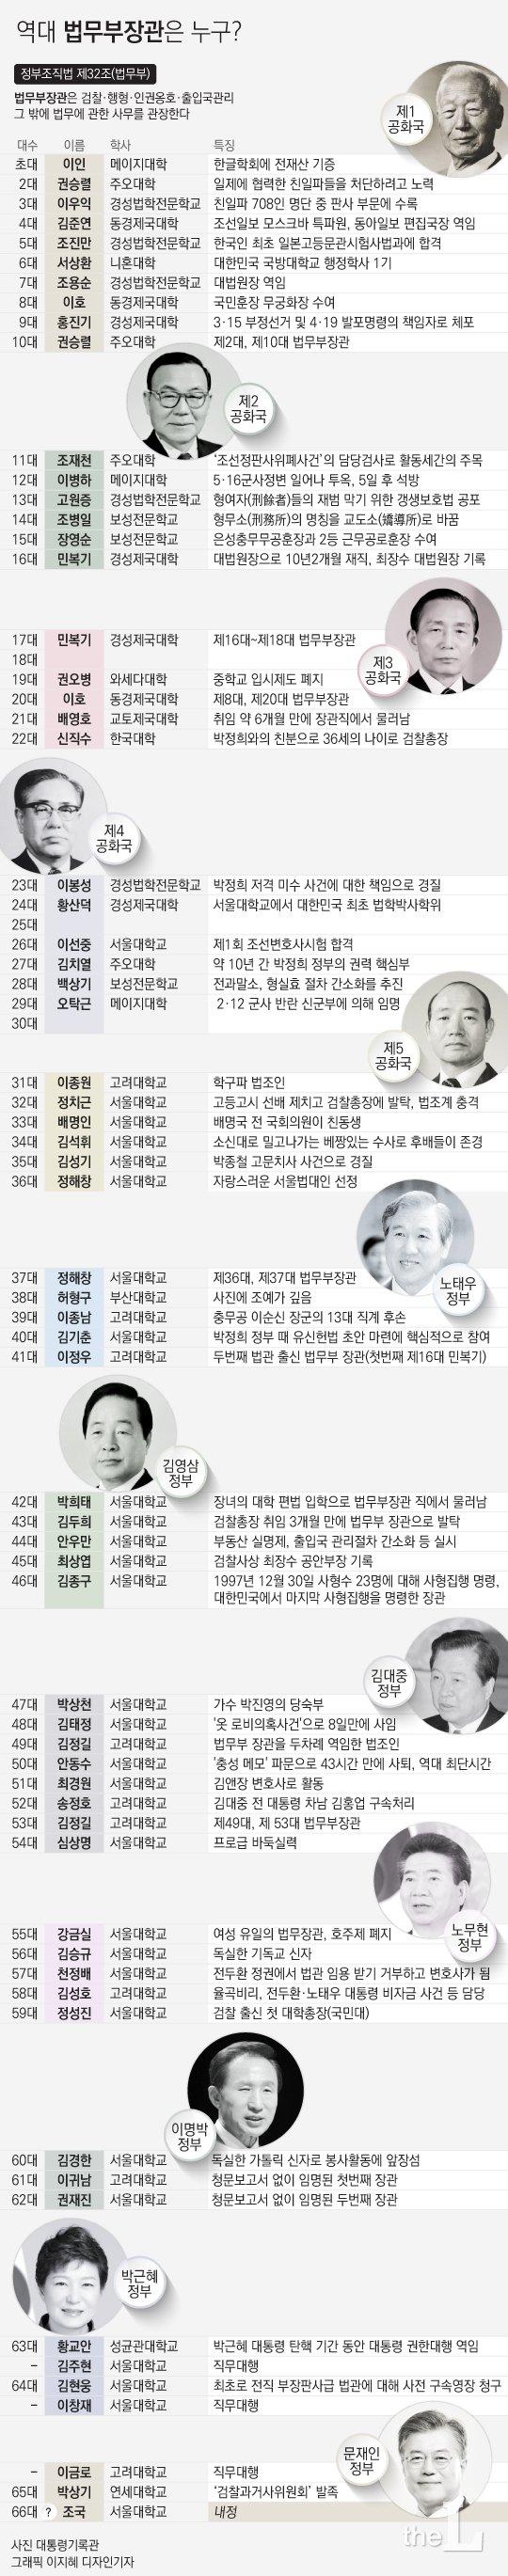 [그래픽뉴스] 정국 최대 이슈 '조국 후보'…역대 법무부장관은?